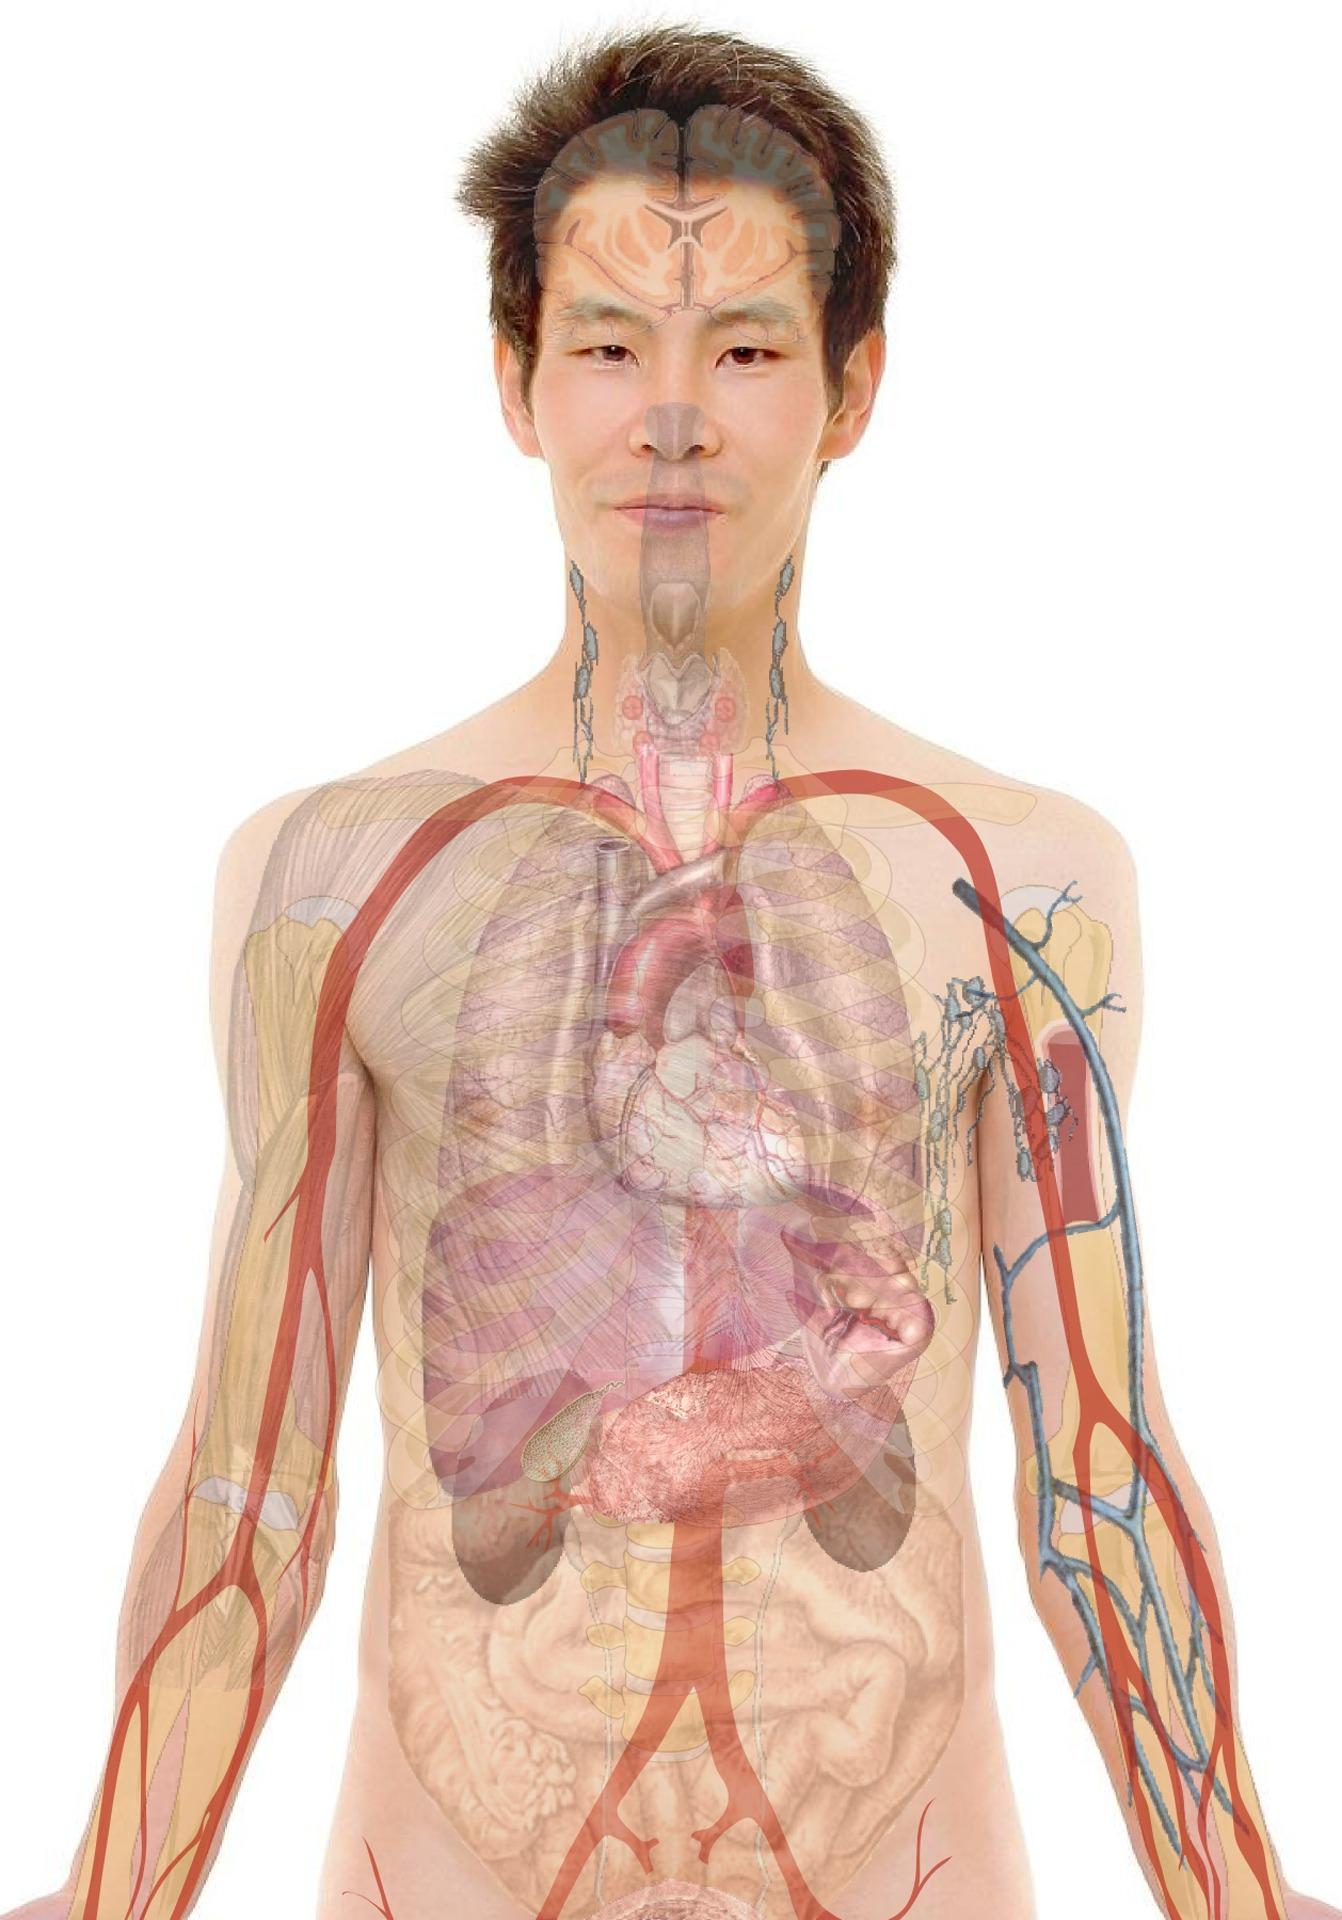 Paraziták a szervezetünkben: mikor gyanakodjunk? - HáziPatika - A paraziták okai a testben